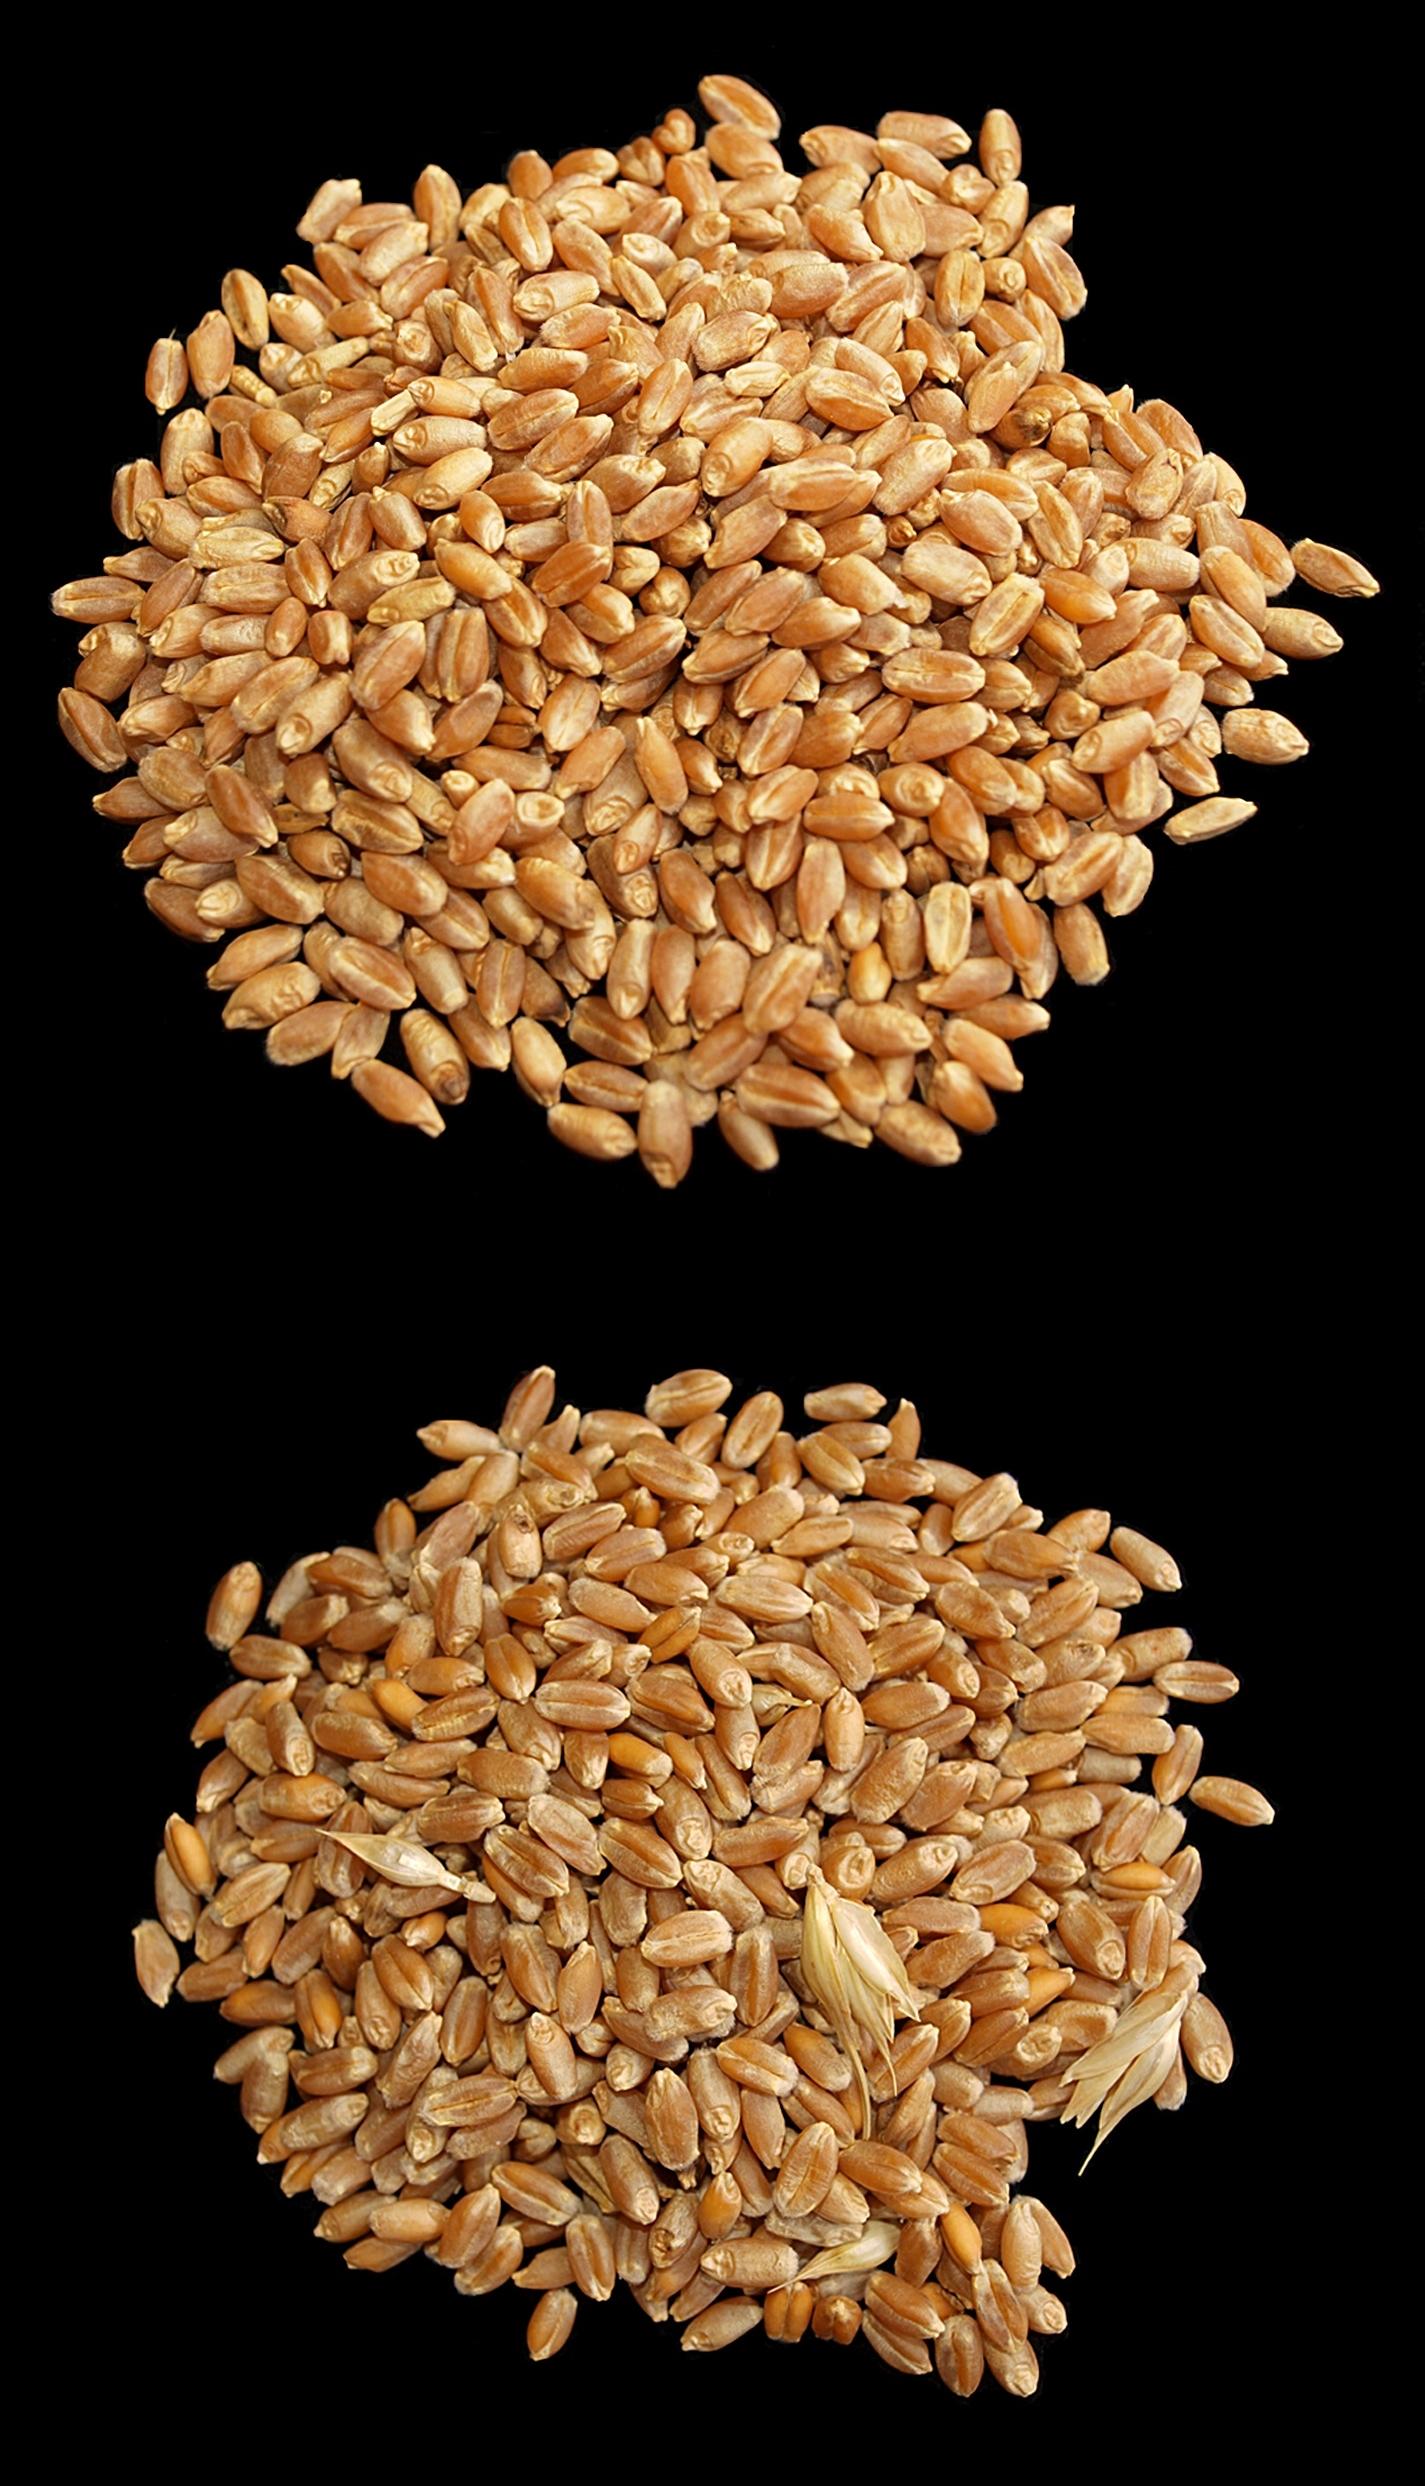 Alimentos con trigo y gluten